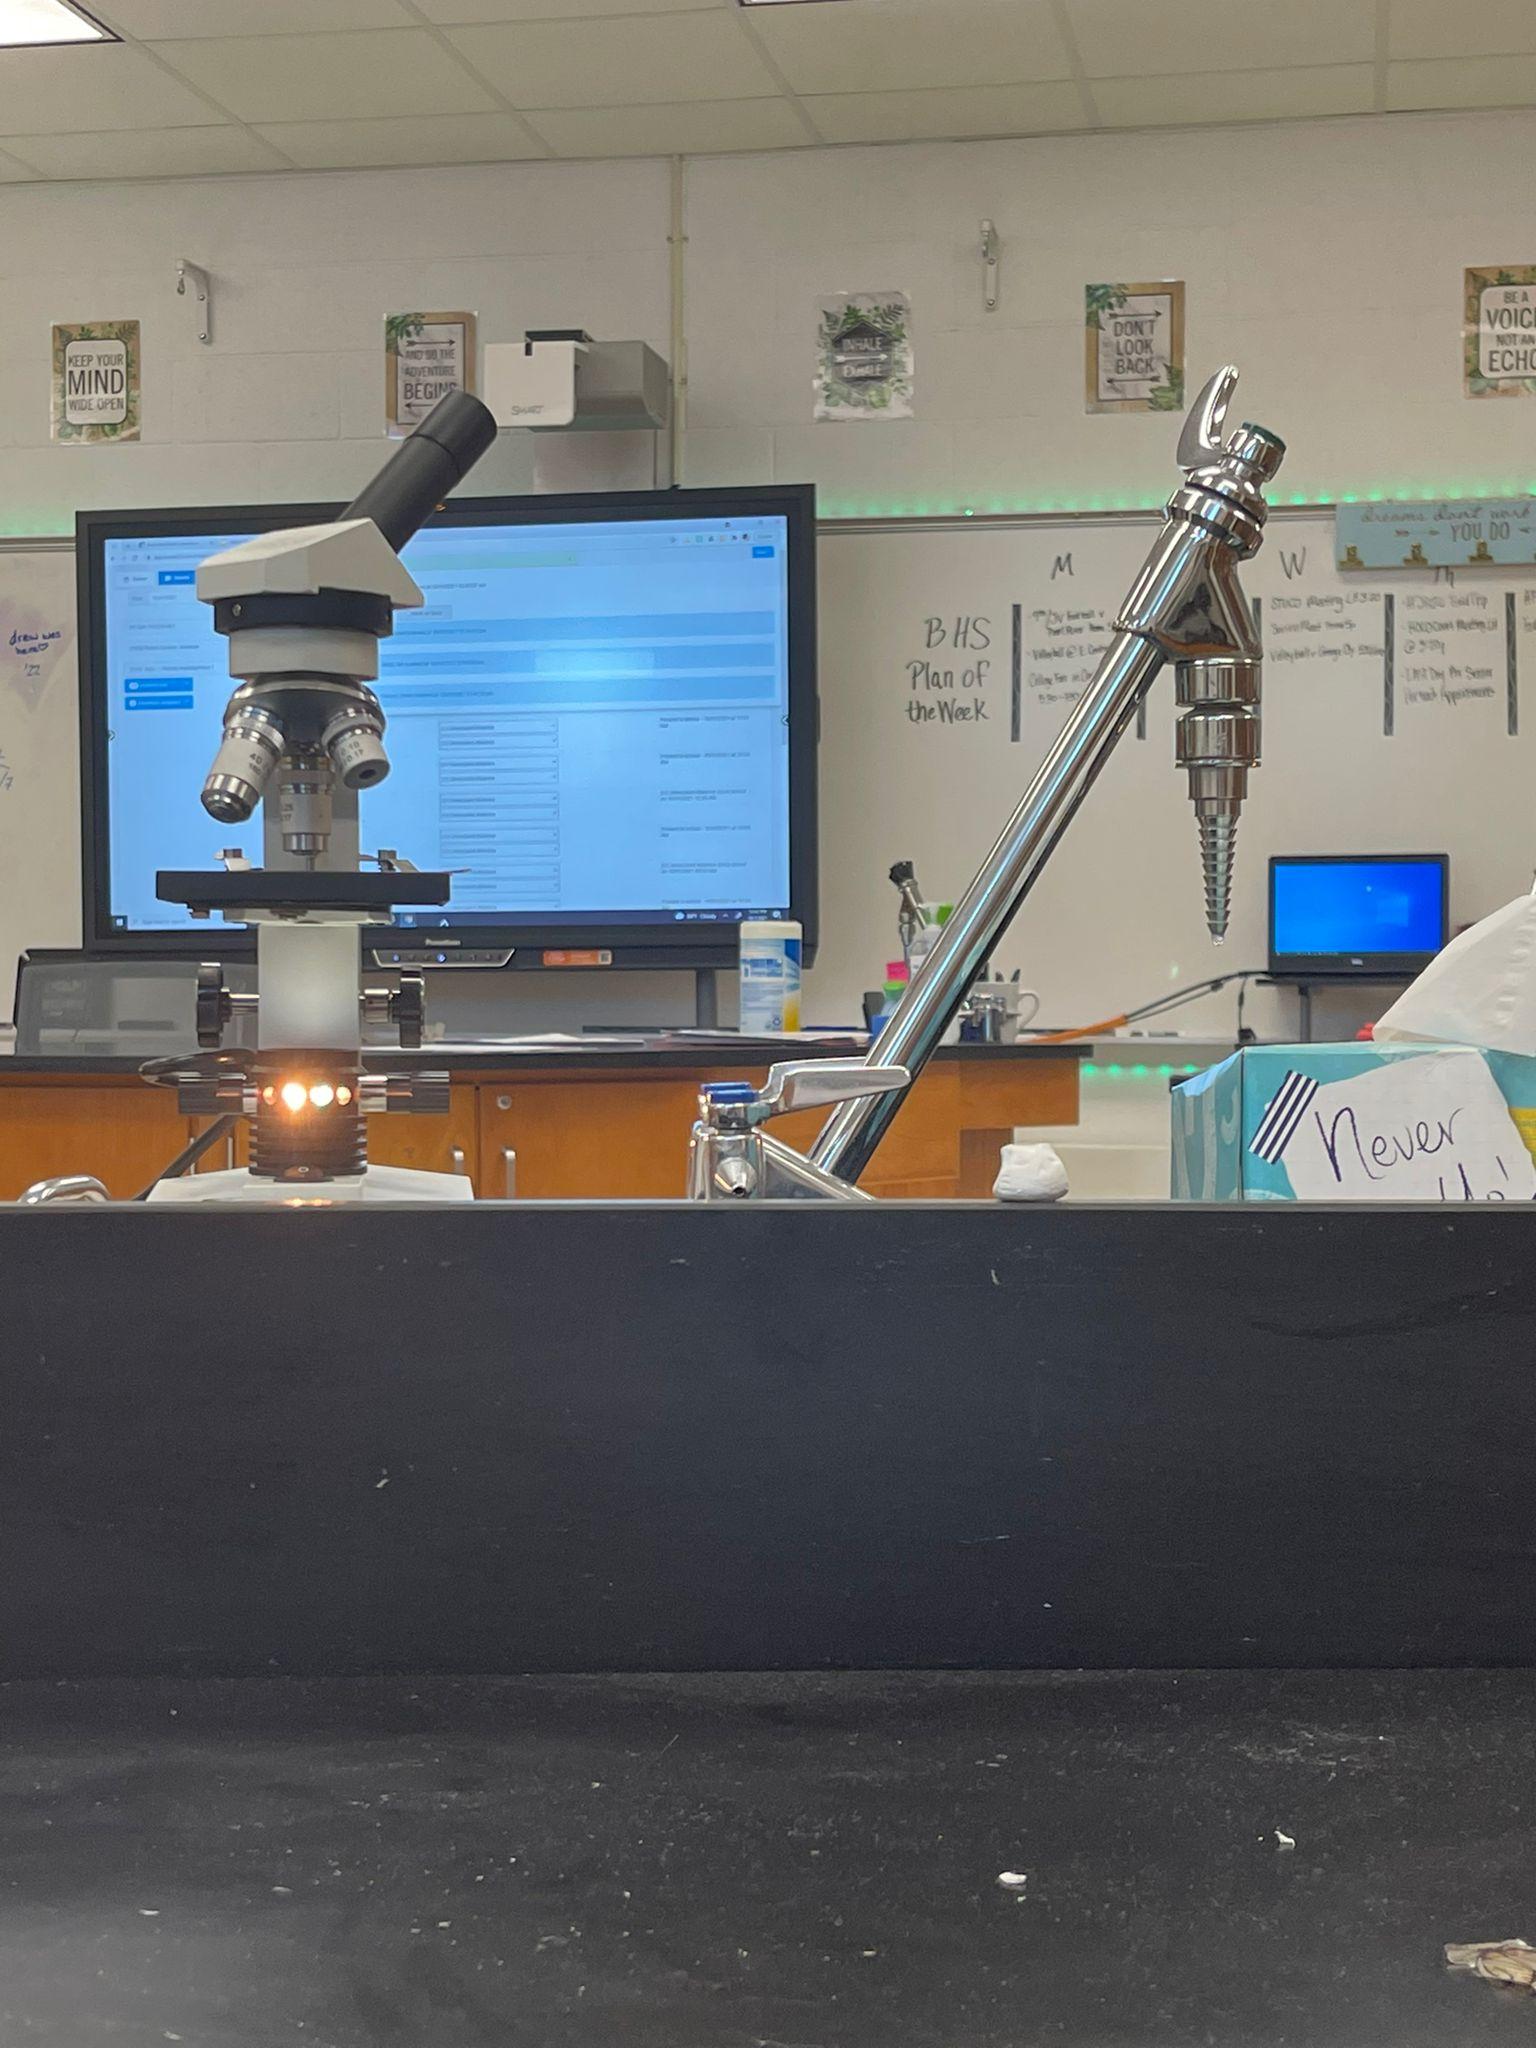 Denizin biyoloji dersinde